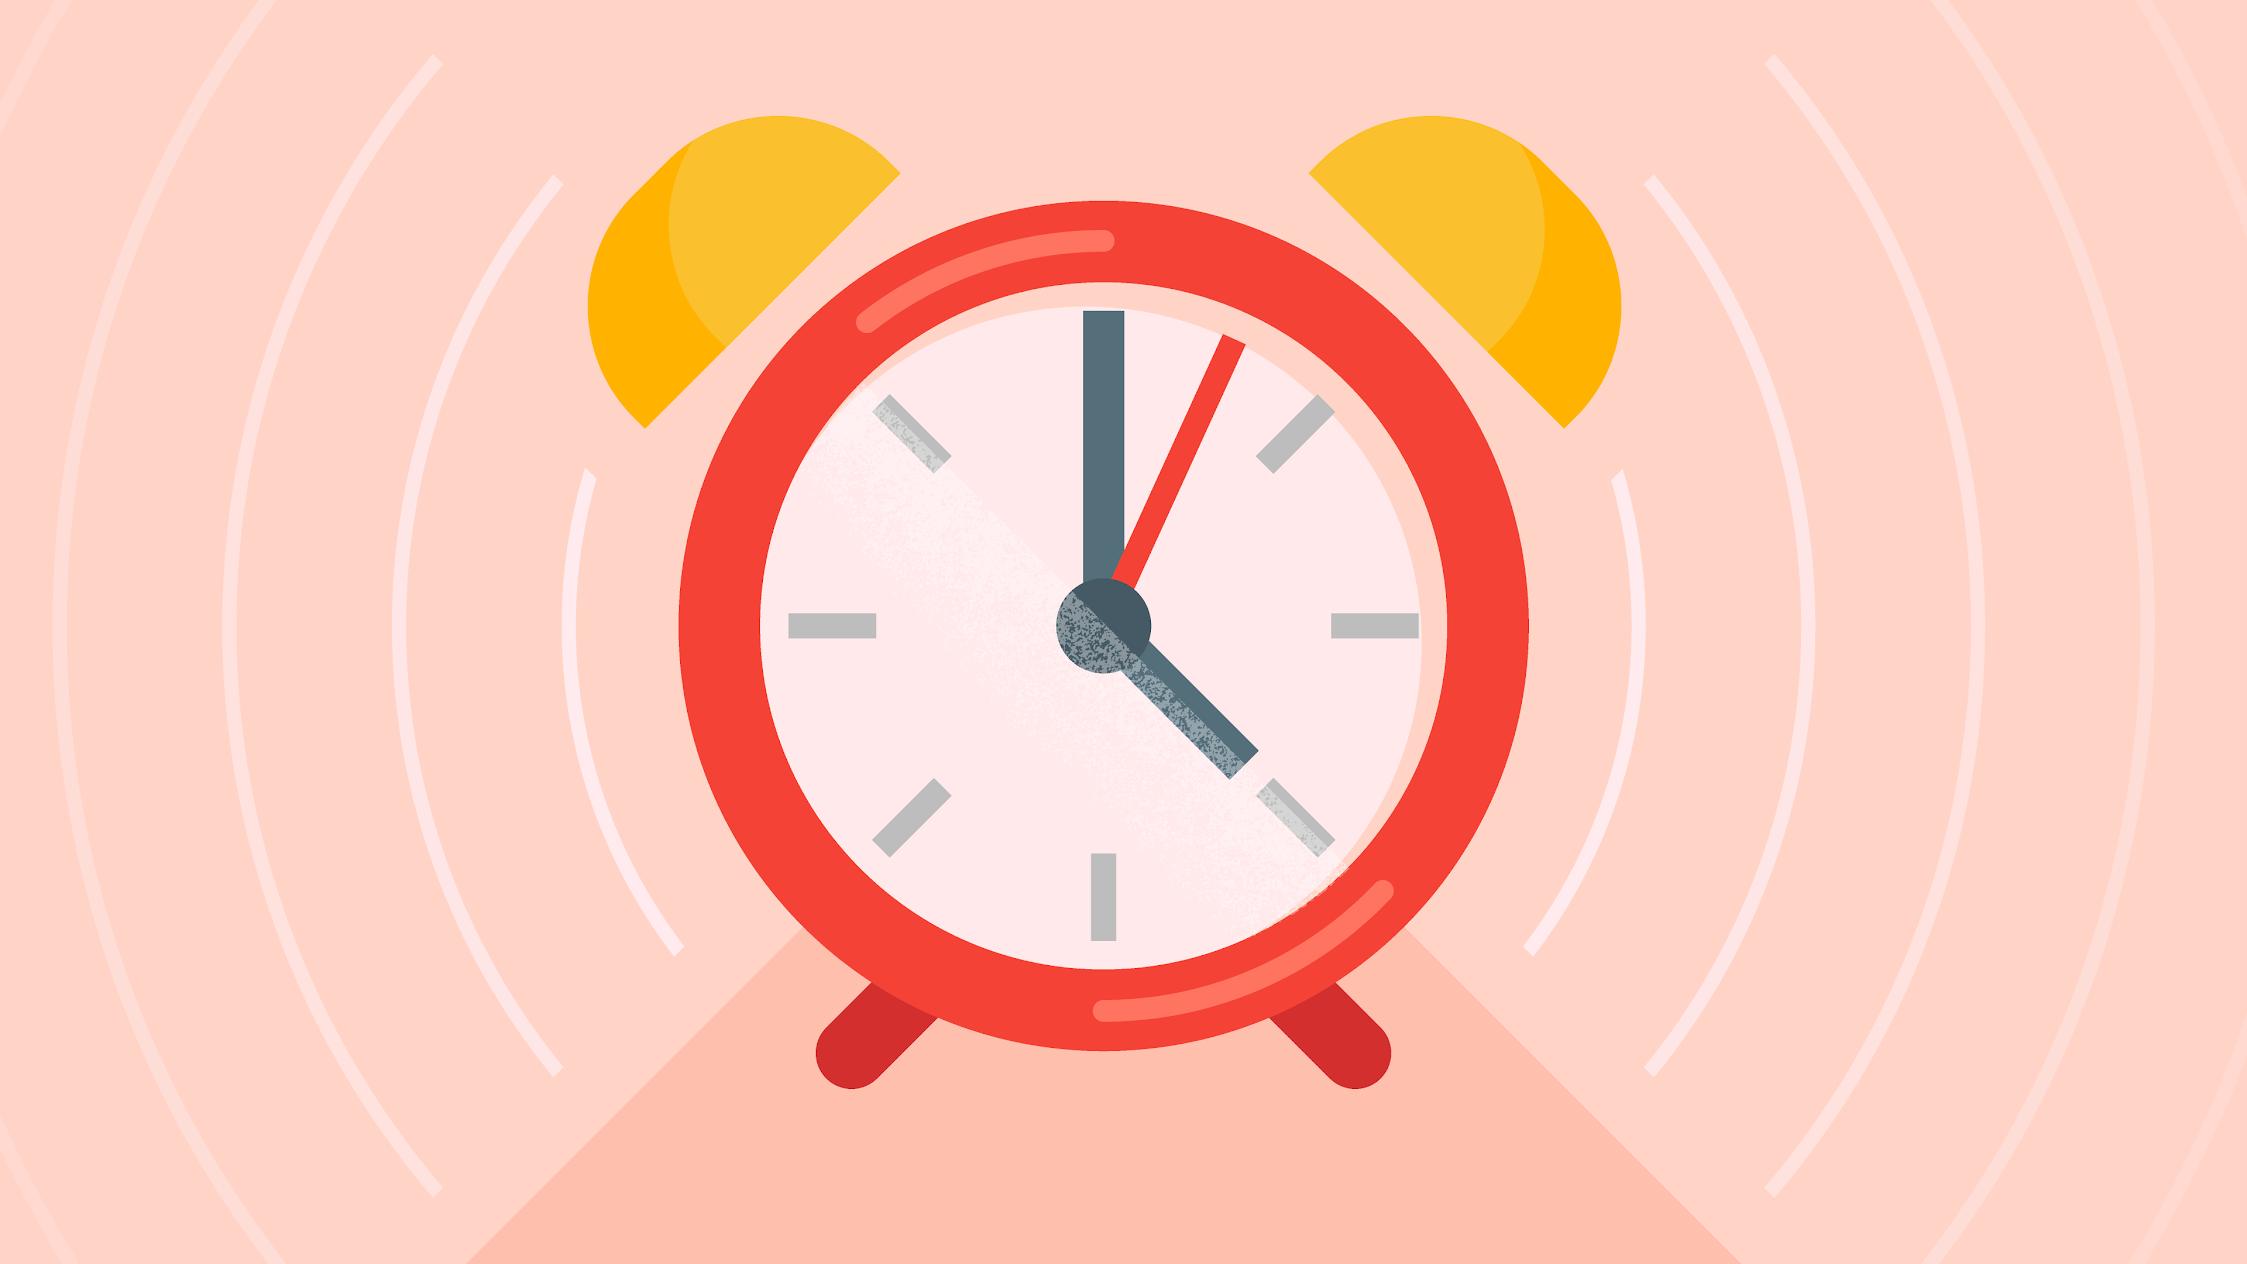 Sulit Bangun Pagi? Coba ke-5 Alarm ini!